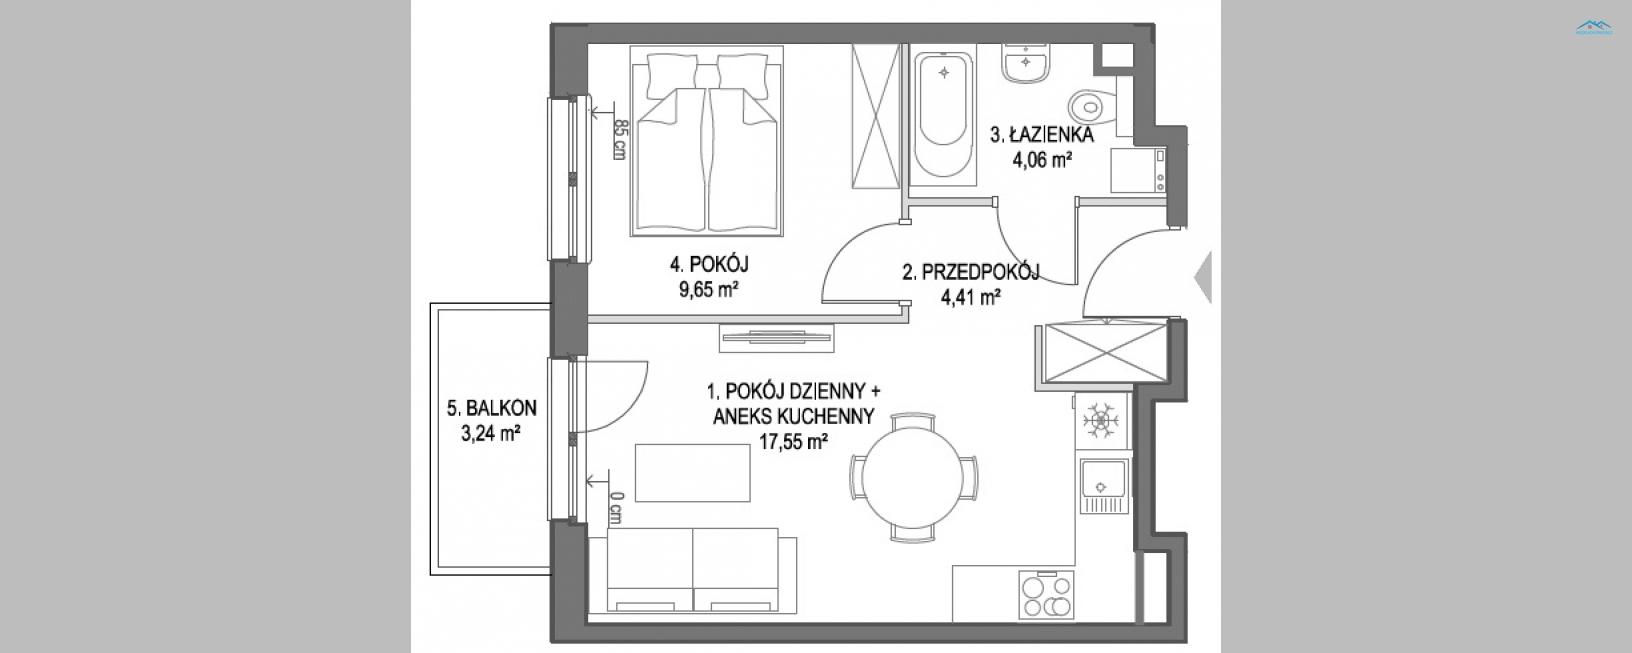 Mieszkanie deweloperskie na Osiedlu Kociewskim